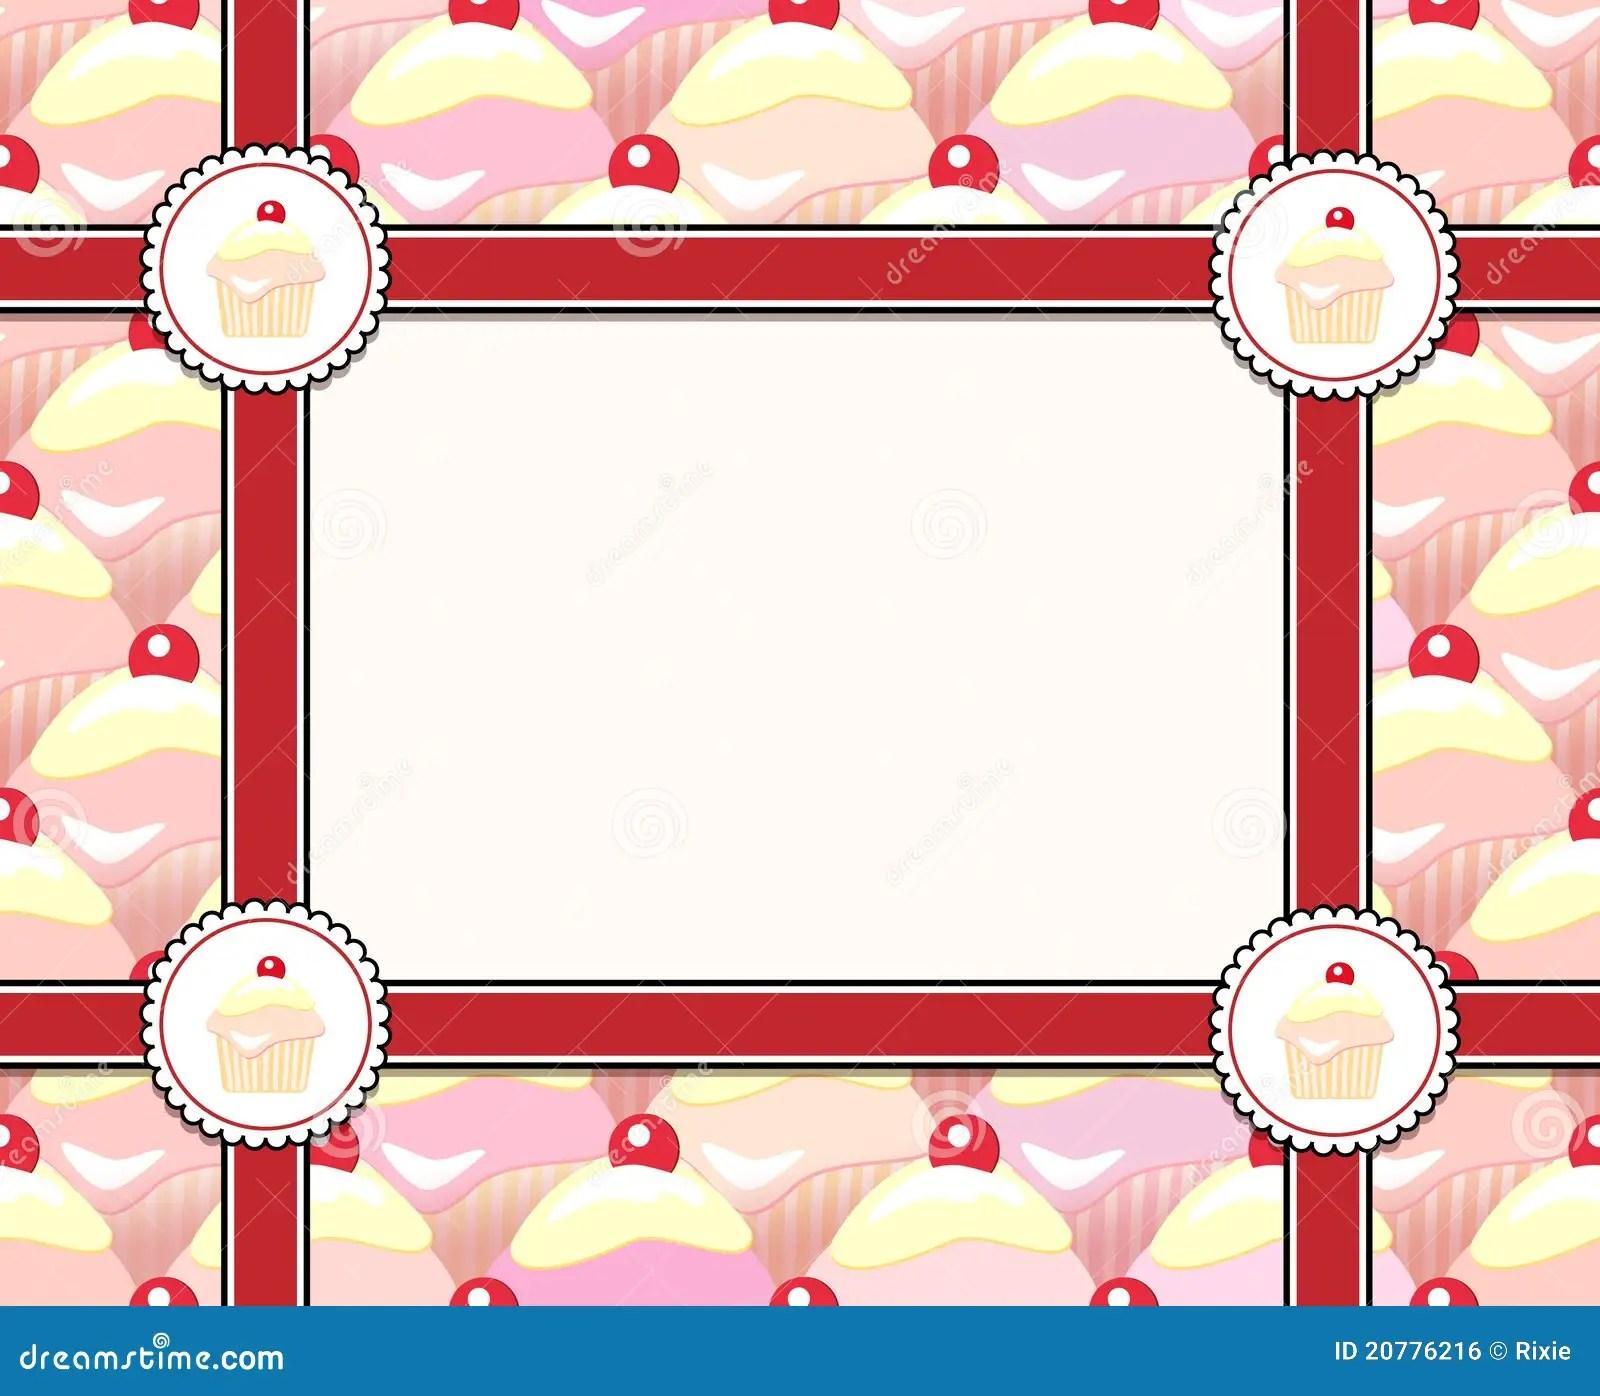 Clip Frame Pink Art